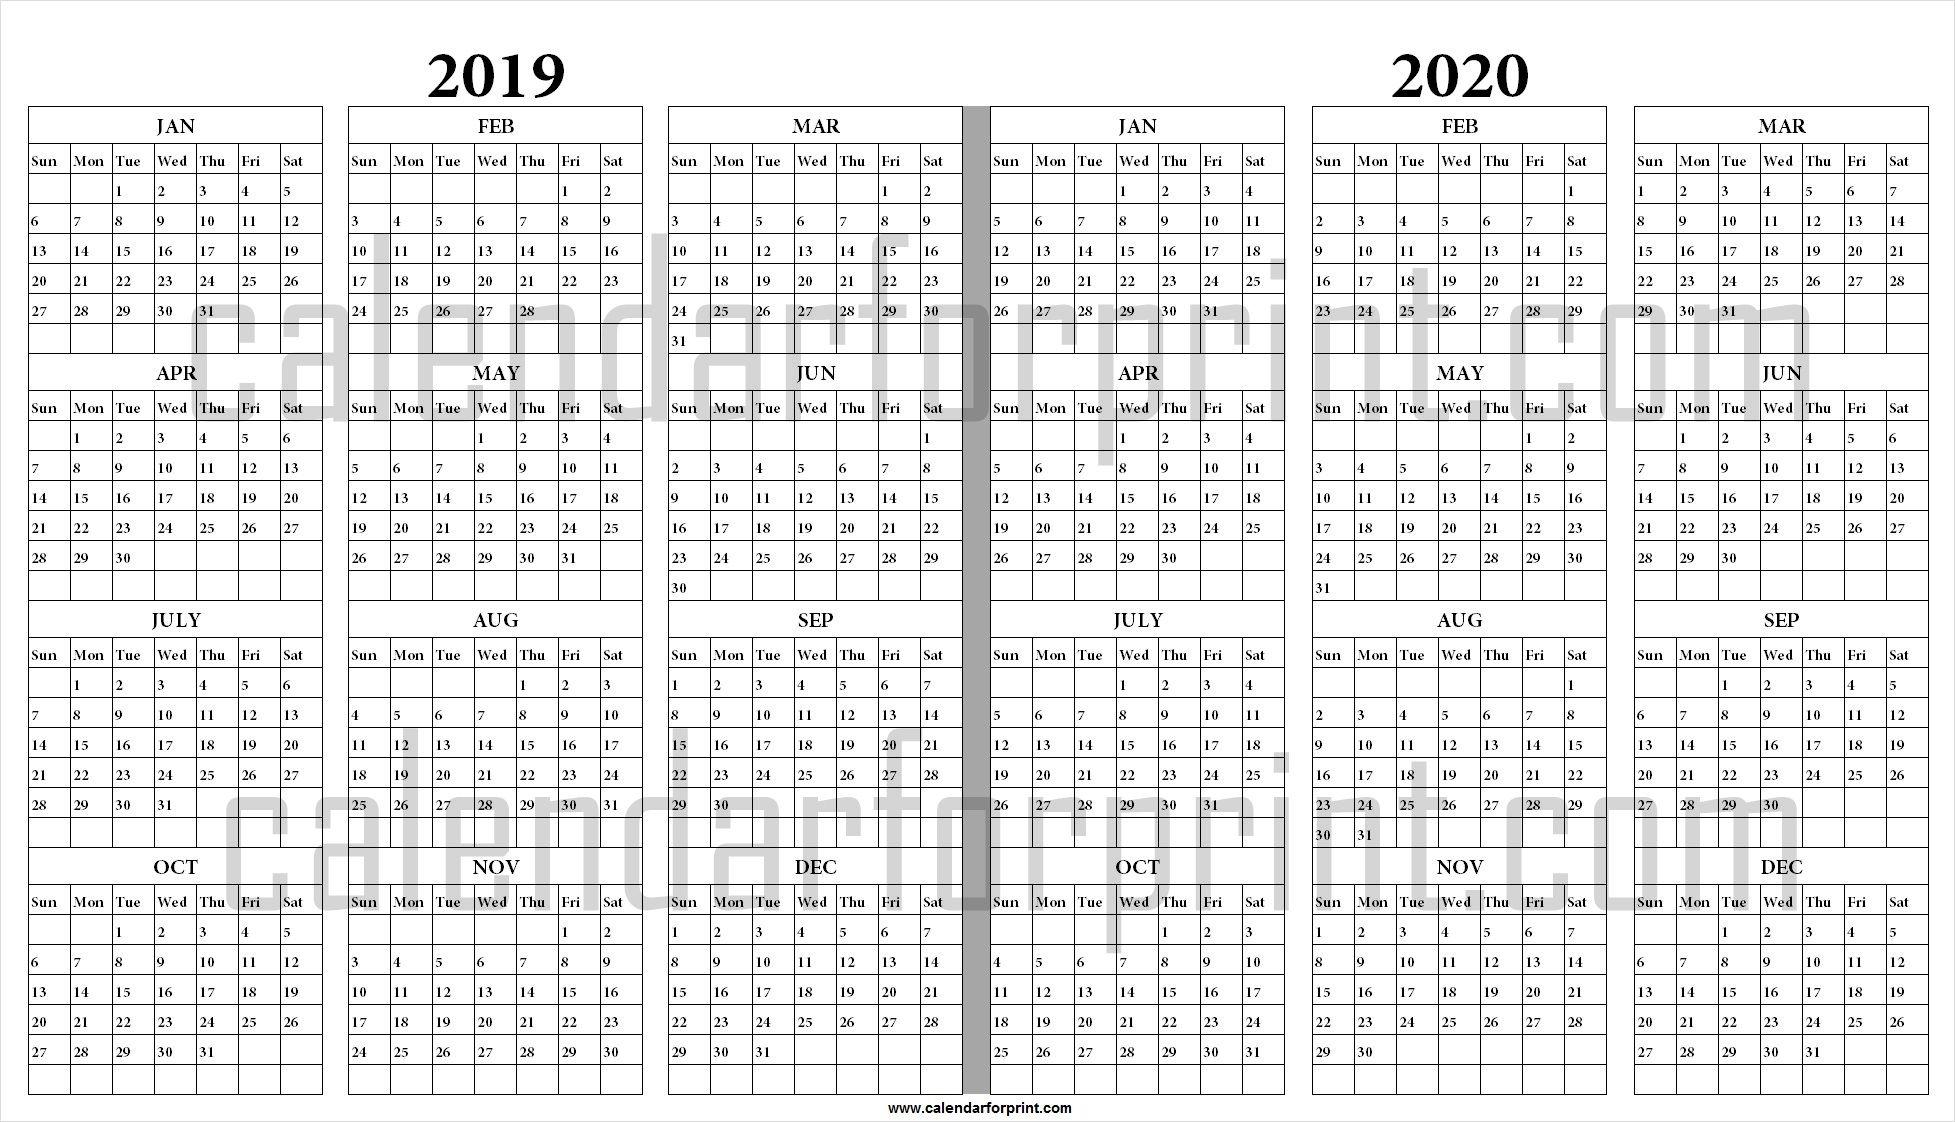 Calendario F1 2020.Calendario 2020 F1